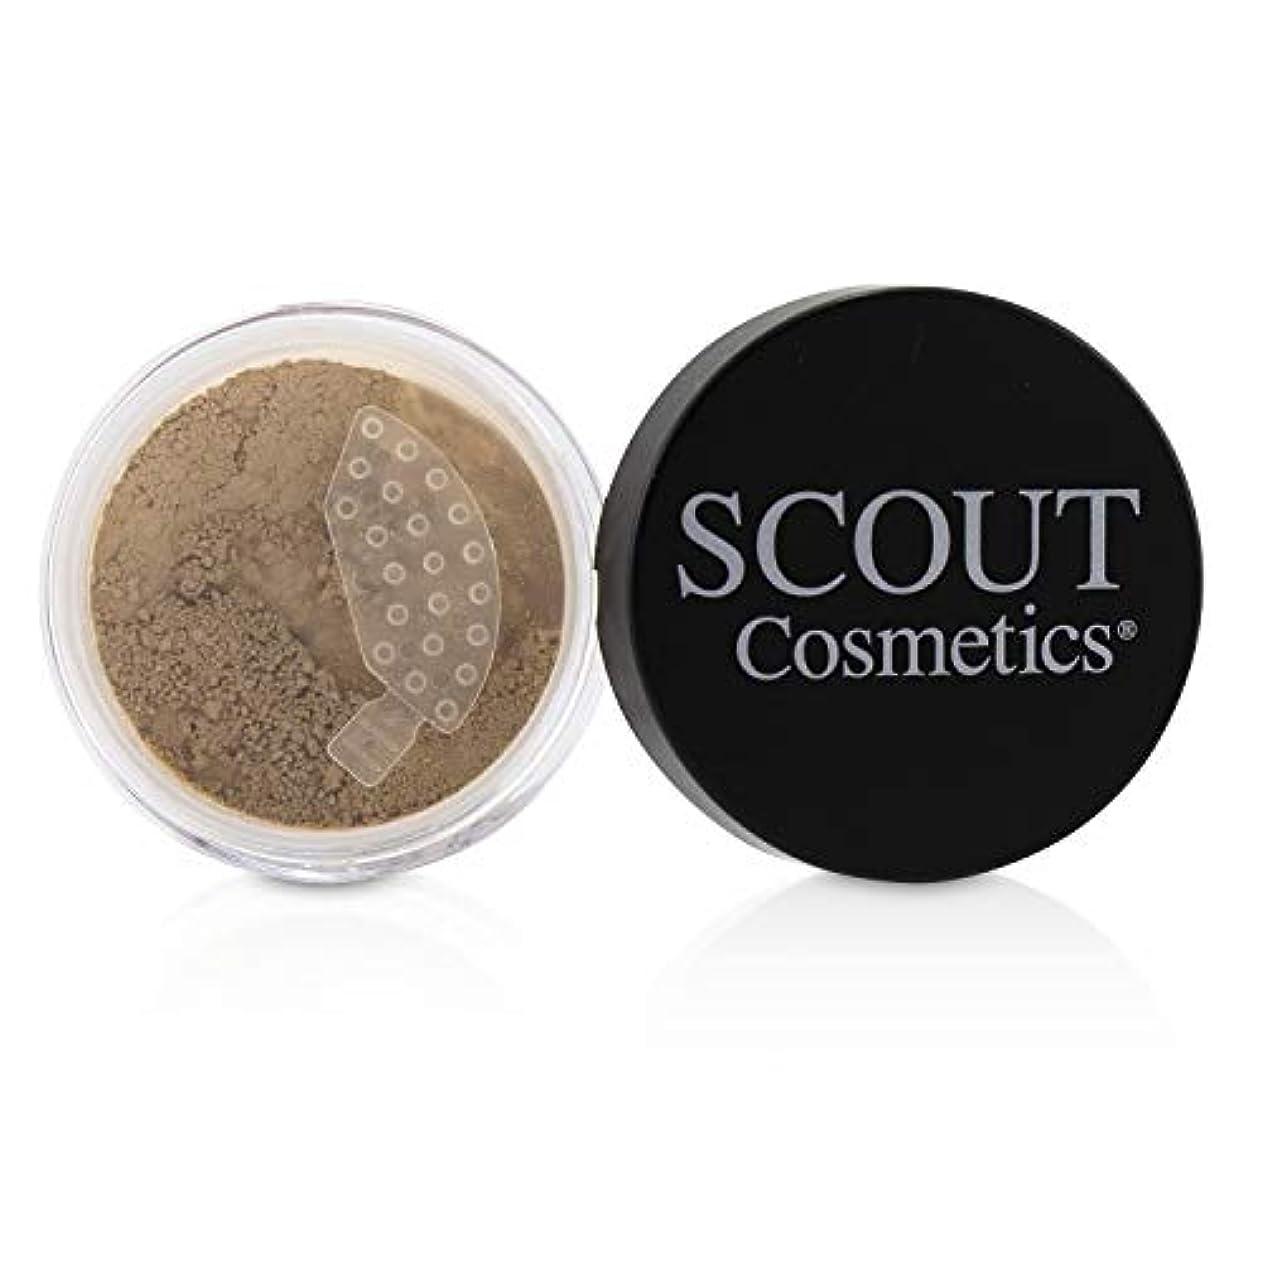 棚速報飽和するSCOUT Cosmetics Mineral Powder Foundation SPF 20 - # Shell 8g/0.28oz並行輸入品